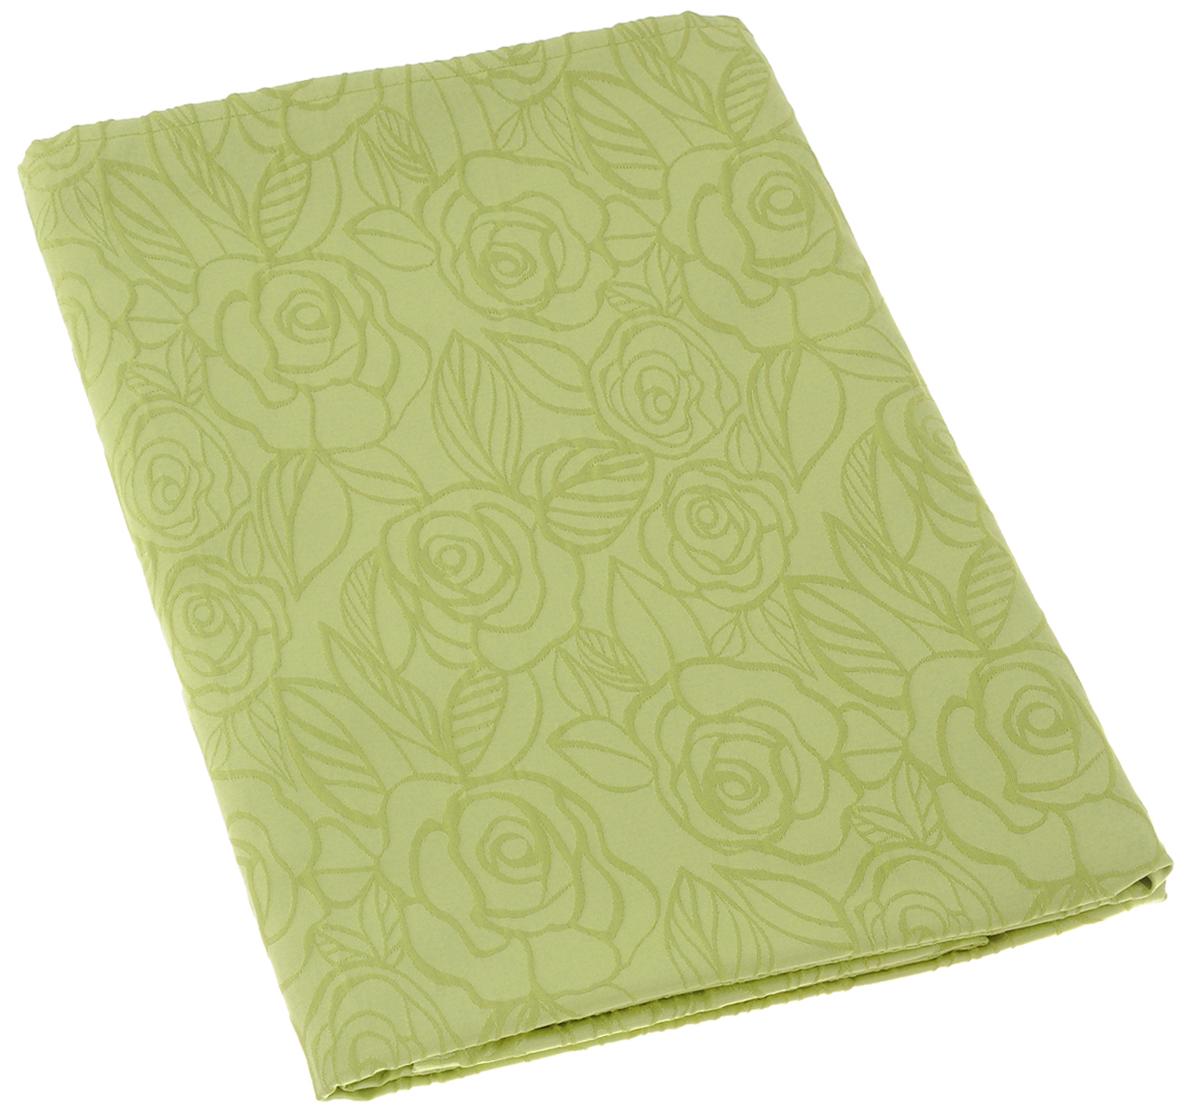 Скатерть Schaefer, прямоугольная, цвет: светло-зеленый, 130 х 160 см. 07548-42707548-427Изящная прямоугольная скатерть Schaefer, выполненная из плотного полиэстера с водоотталкивающей пропиткой, станет украшением кухонного стола. Изделие декорировано рельефным цветочным узором. За текстилем из полиэстера очень легко ухаживать: он не мнется, не садится и быстро сохнет, легко стирается, более долговечен, чем текстиль из натуральных волокон. Использование такой скатерти сделает застолье торжественным, поднимет настроение гостей и приятно удивит их вашим изысканным вкусом. Также вы можете использовать эту скатерть для повседневной трапезы, превратив каждый прием пищи в волшебный праздник и веселье.Это текстильное изделие станет изысканным украшением вашего дома!